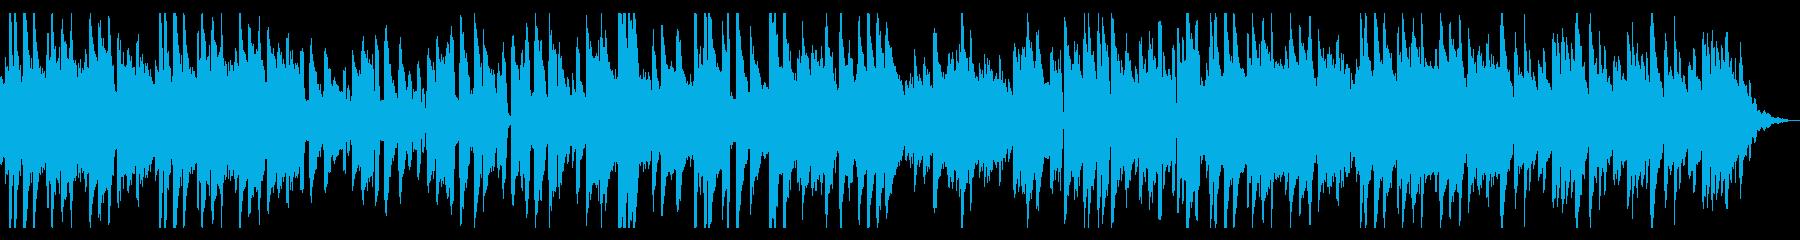 哀愁ある響きを演出したリッチなピアノソロの再生済みの波形